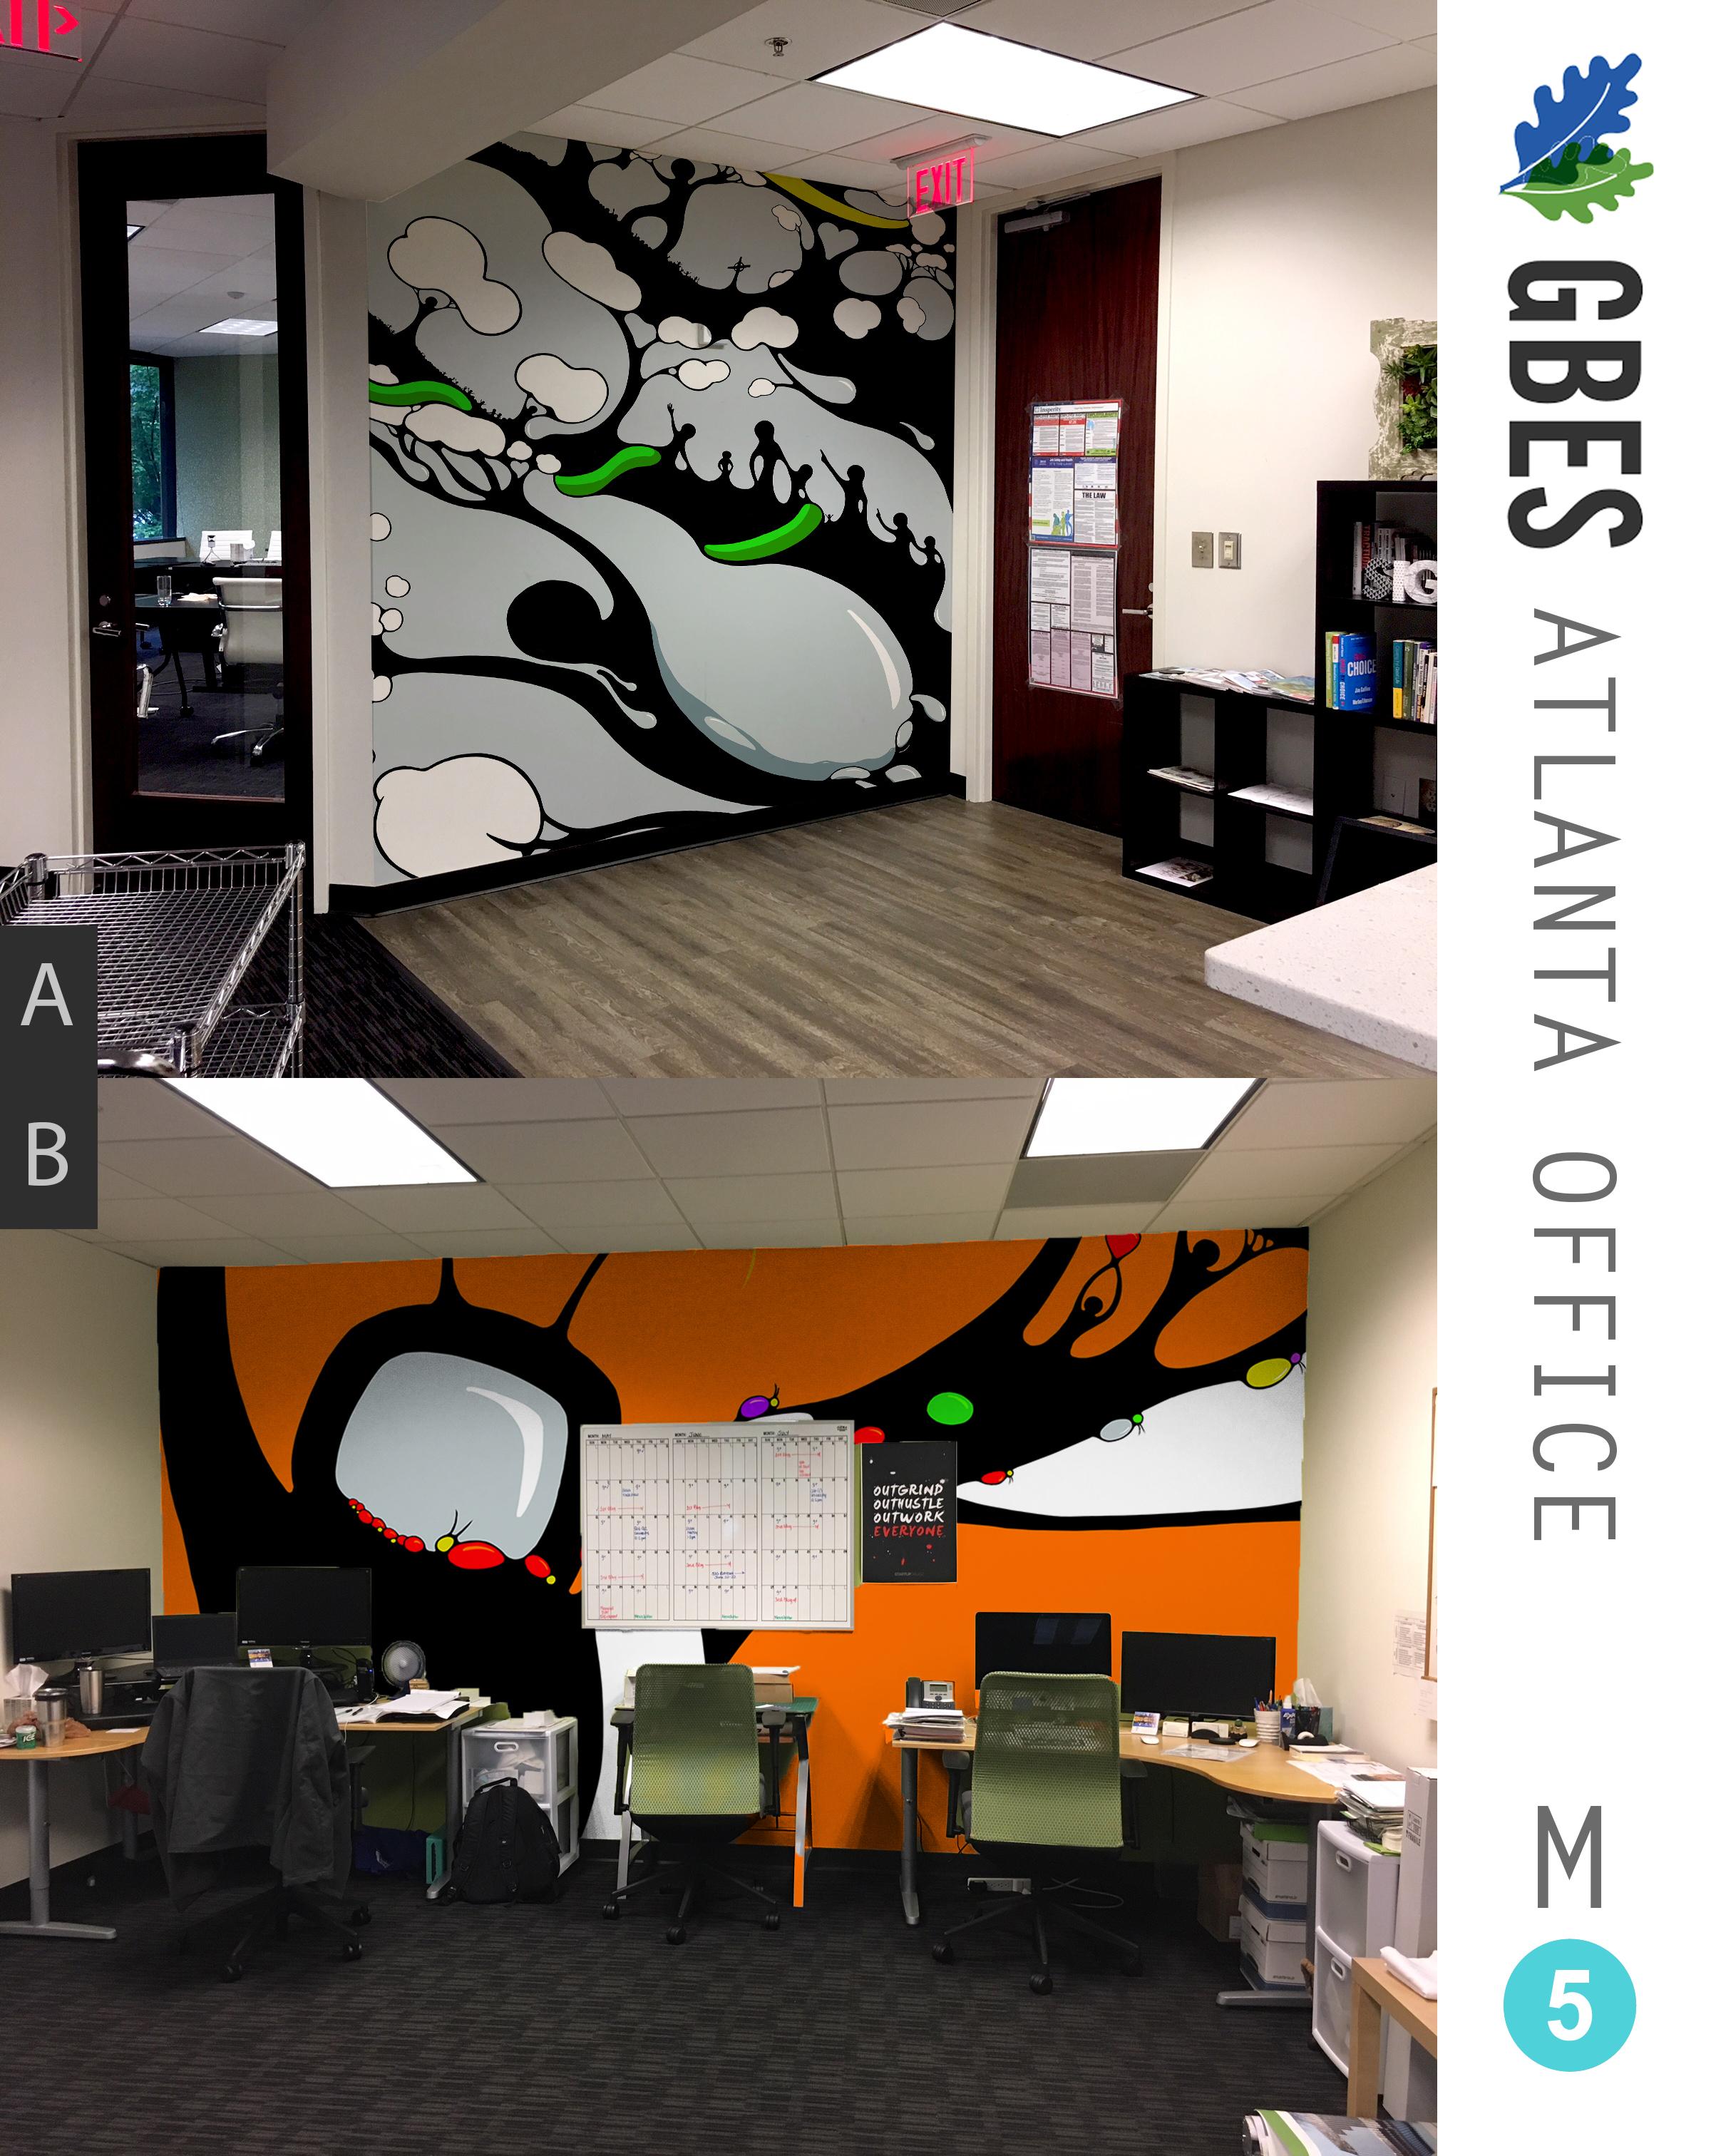 gbes-mural-mock-05